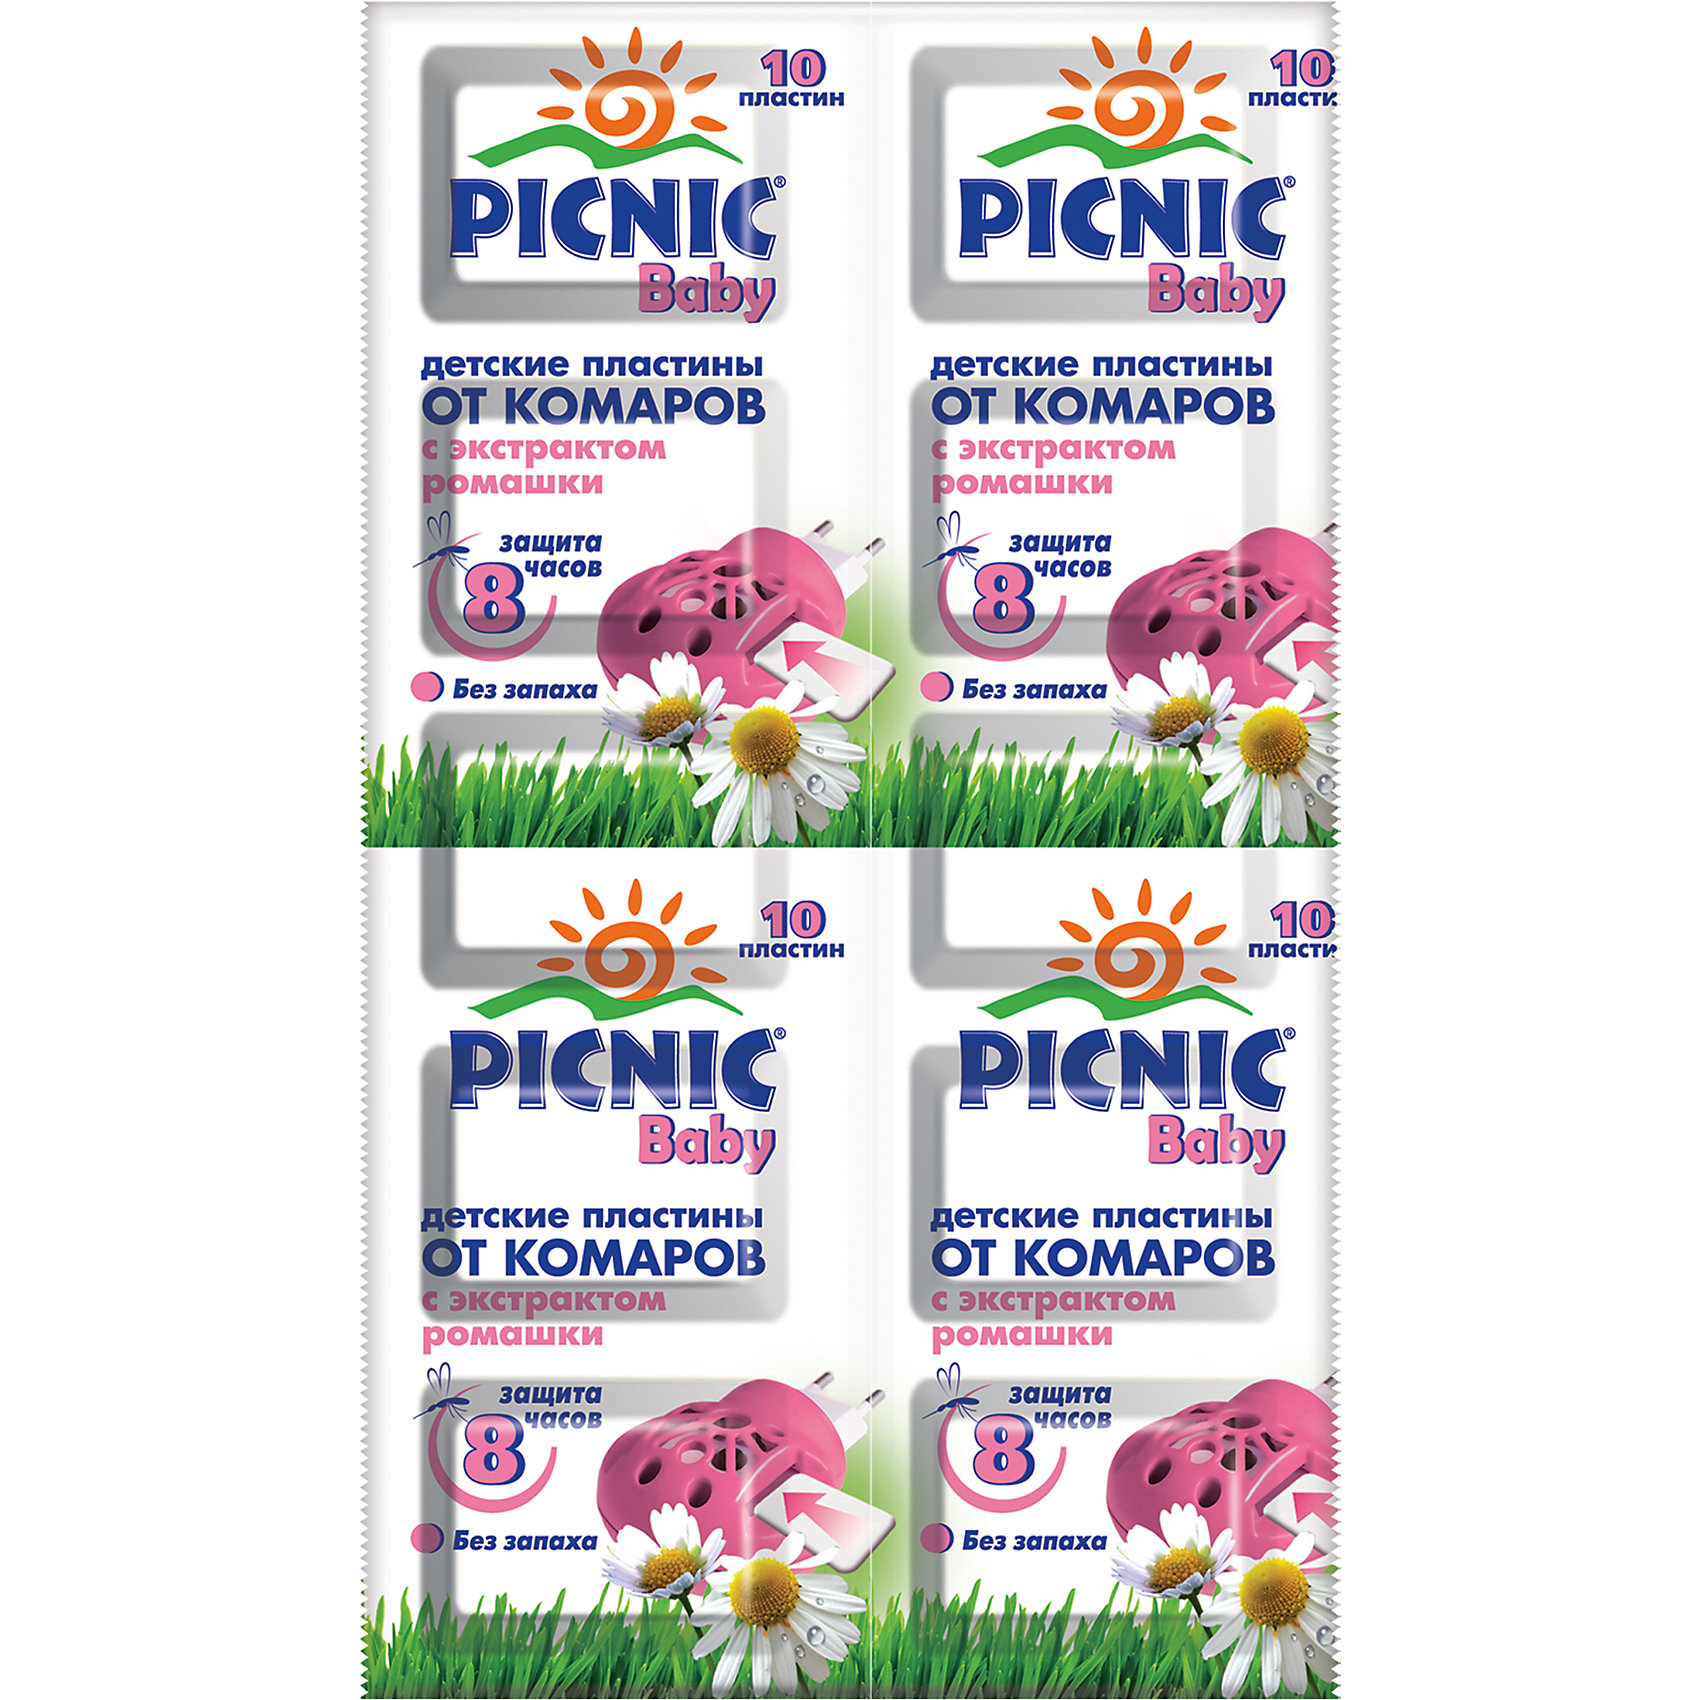 Picnic Пластины от комаров, 10 шт., Picnic Baby от комаров